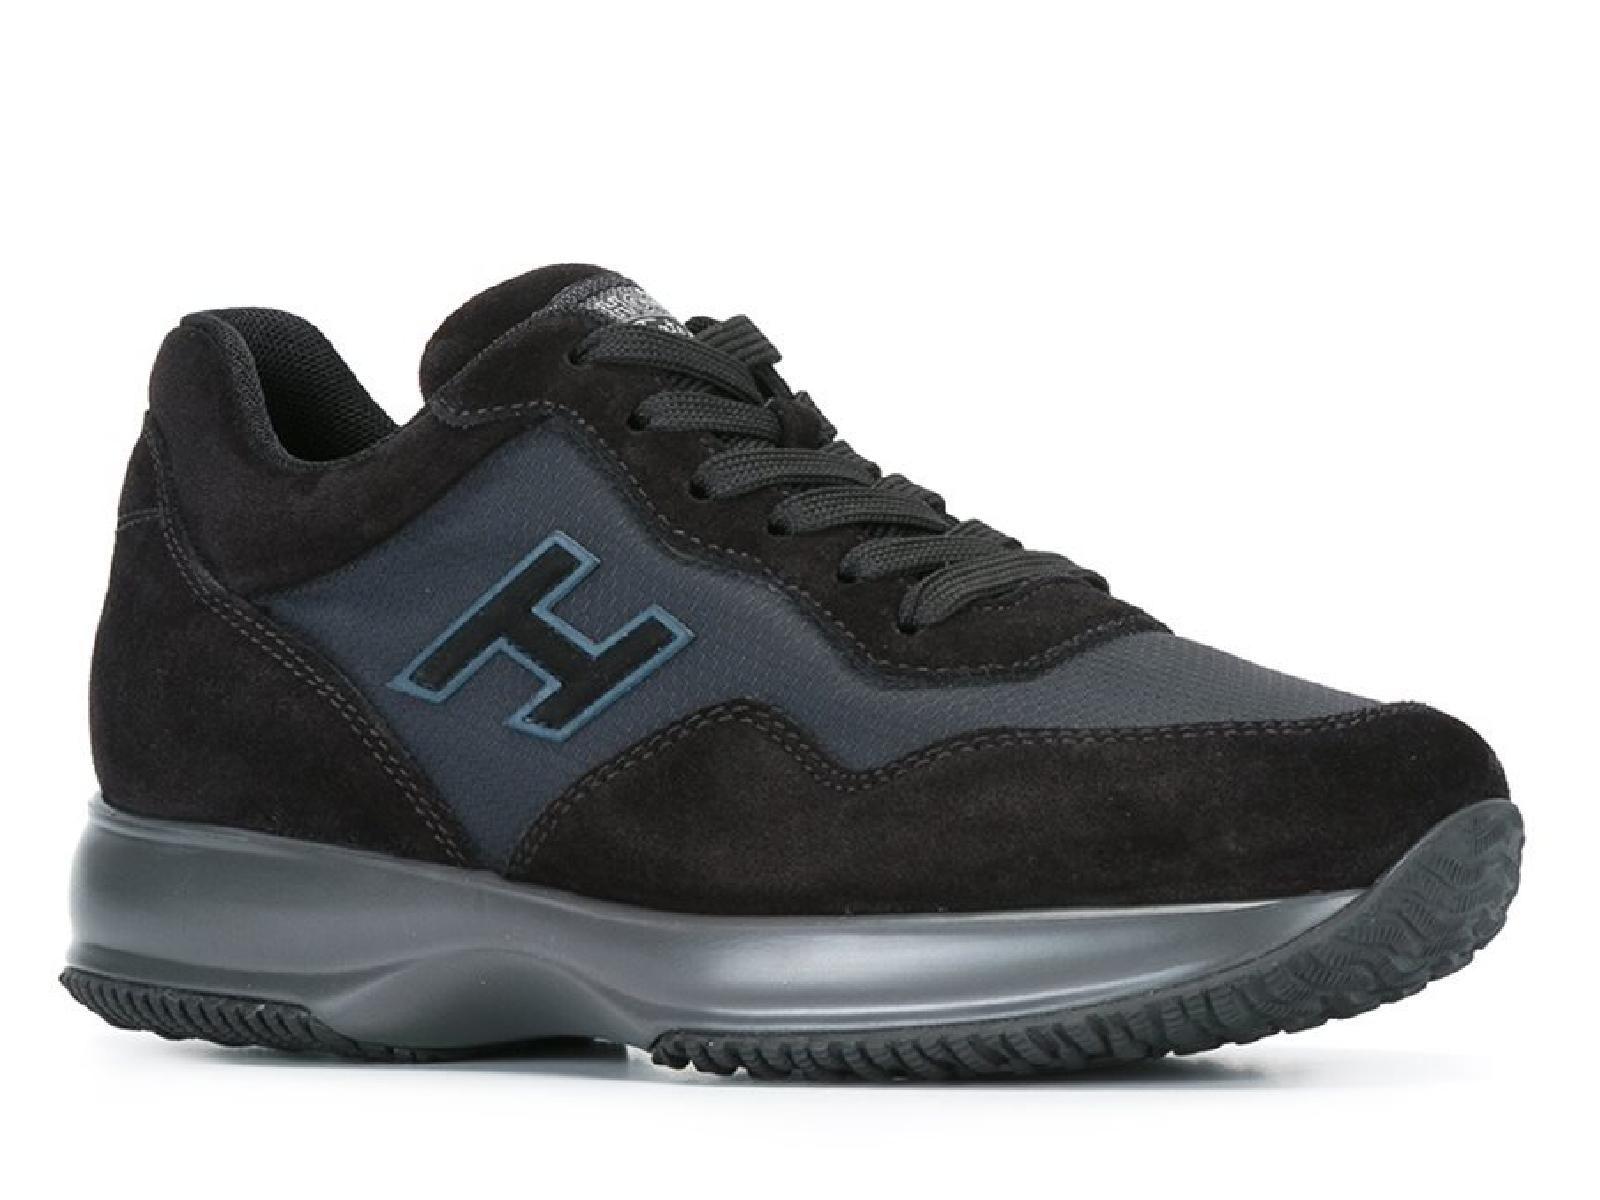 Hogan Interactive men's sneakers in black Suede leather - Italian ...